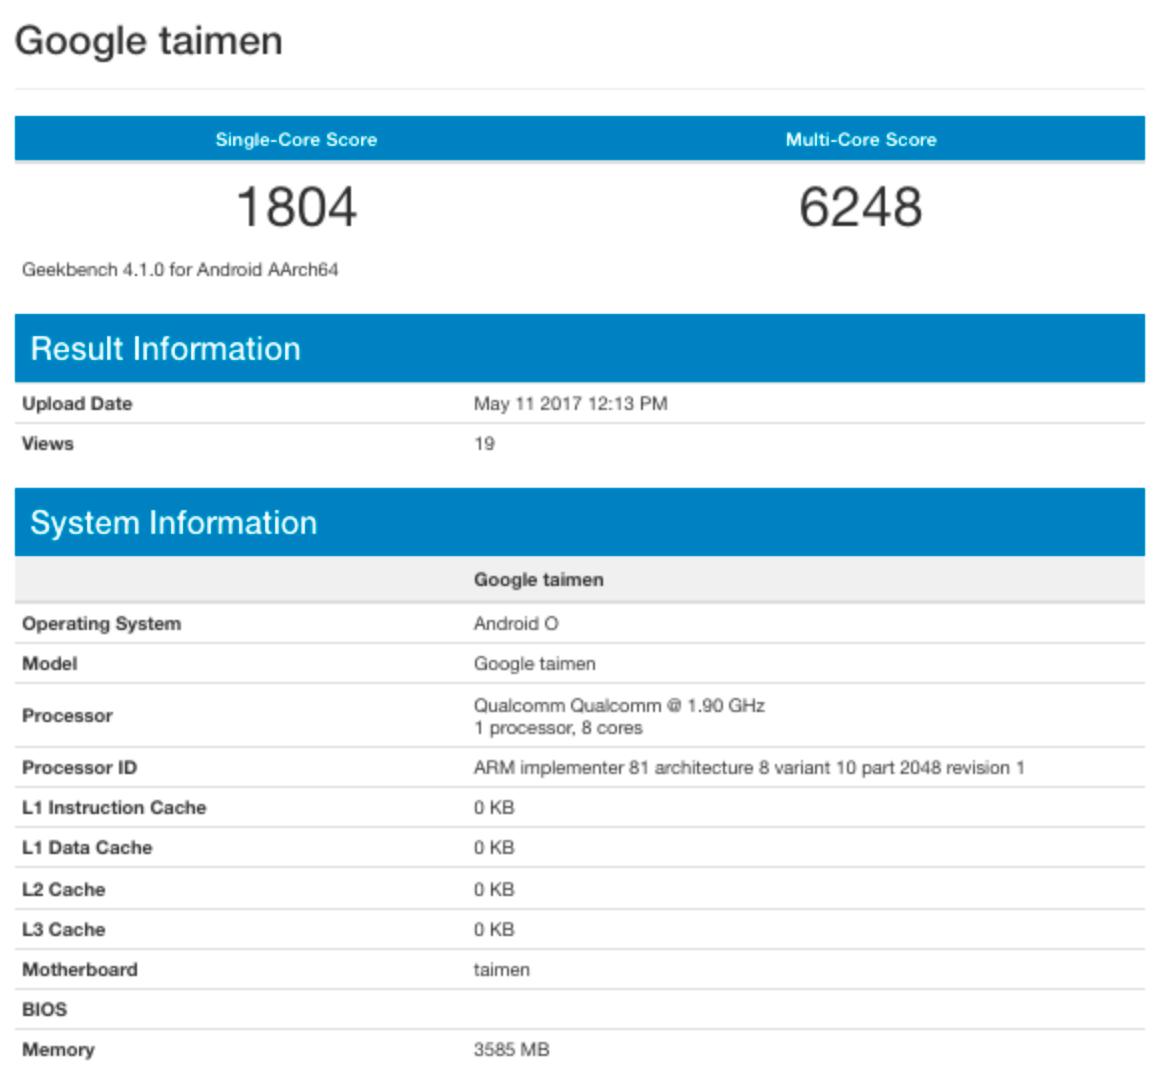 Google Taimen Leak